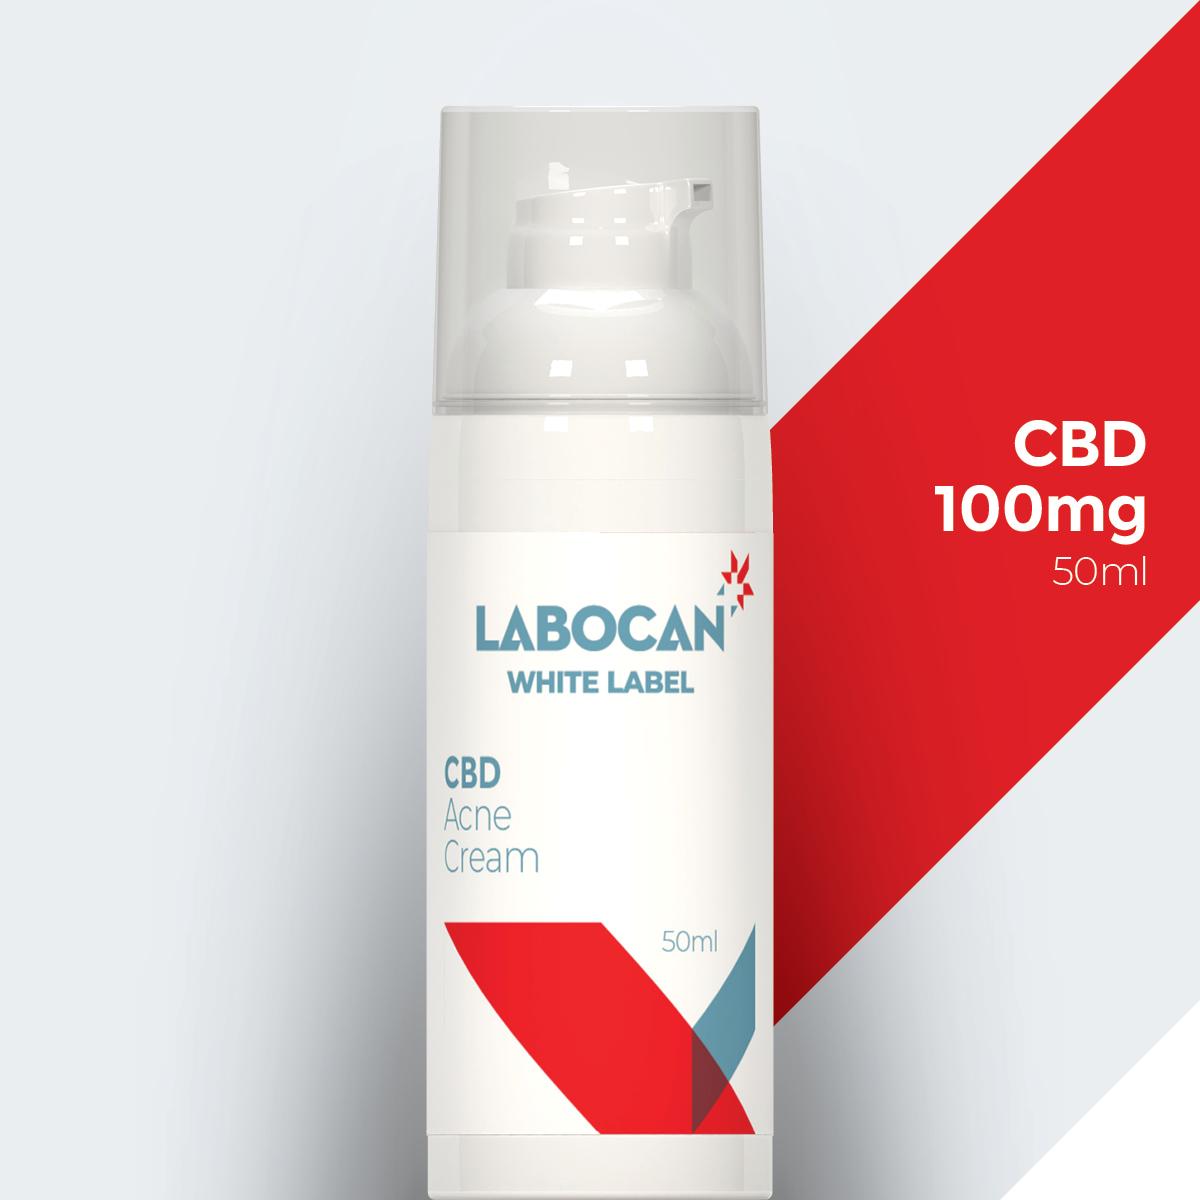 Crème contre l'acné au CBD de marque blanche